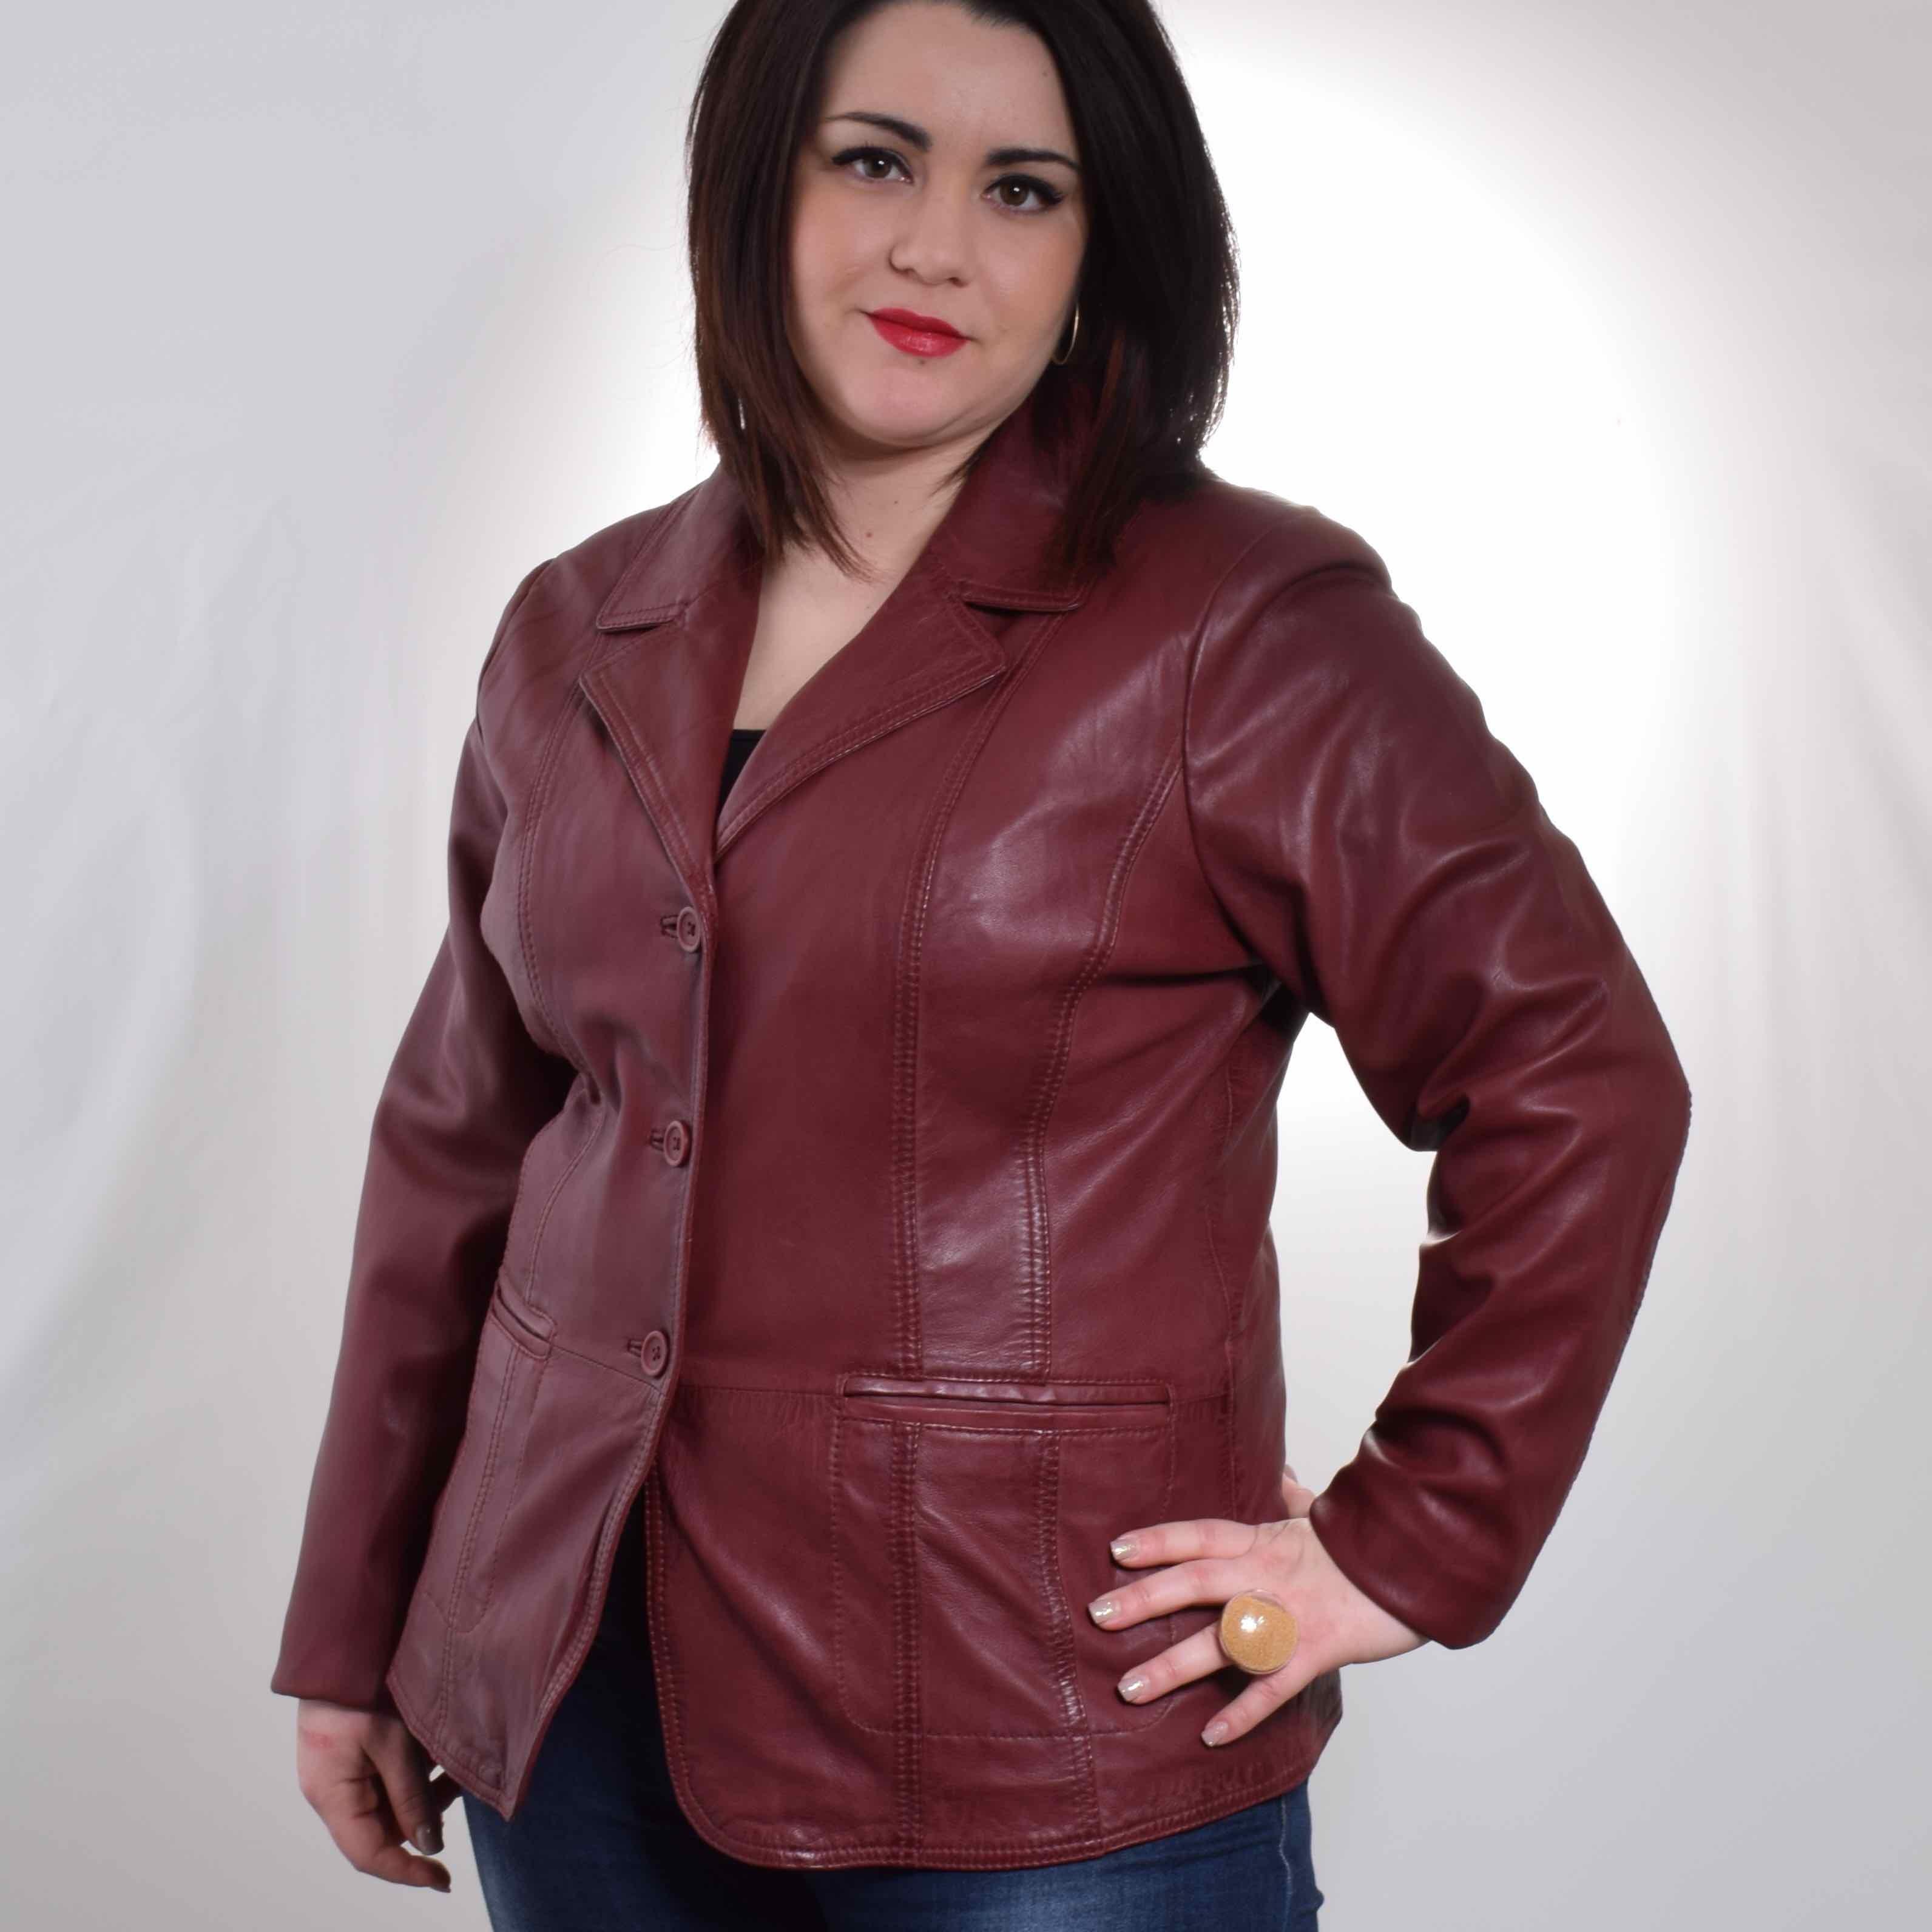 Кожаный пиджак для полных женщин